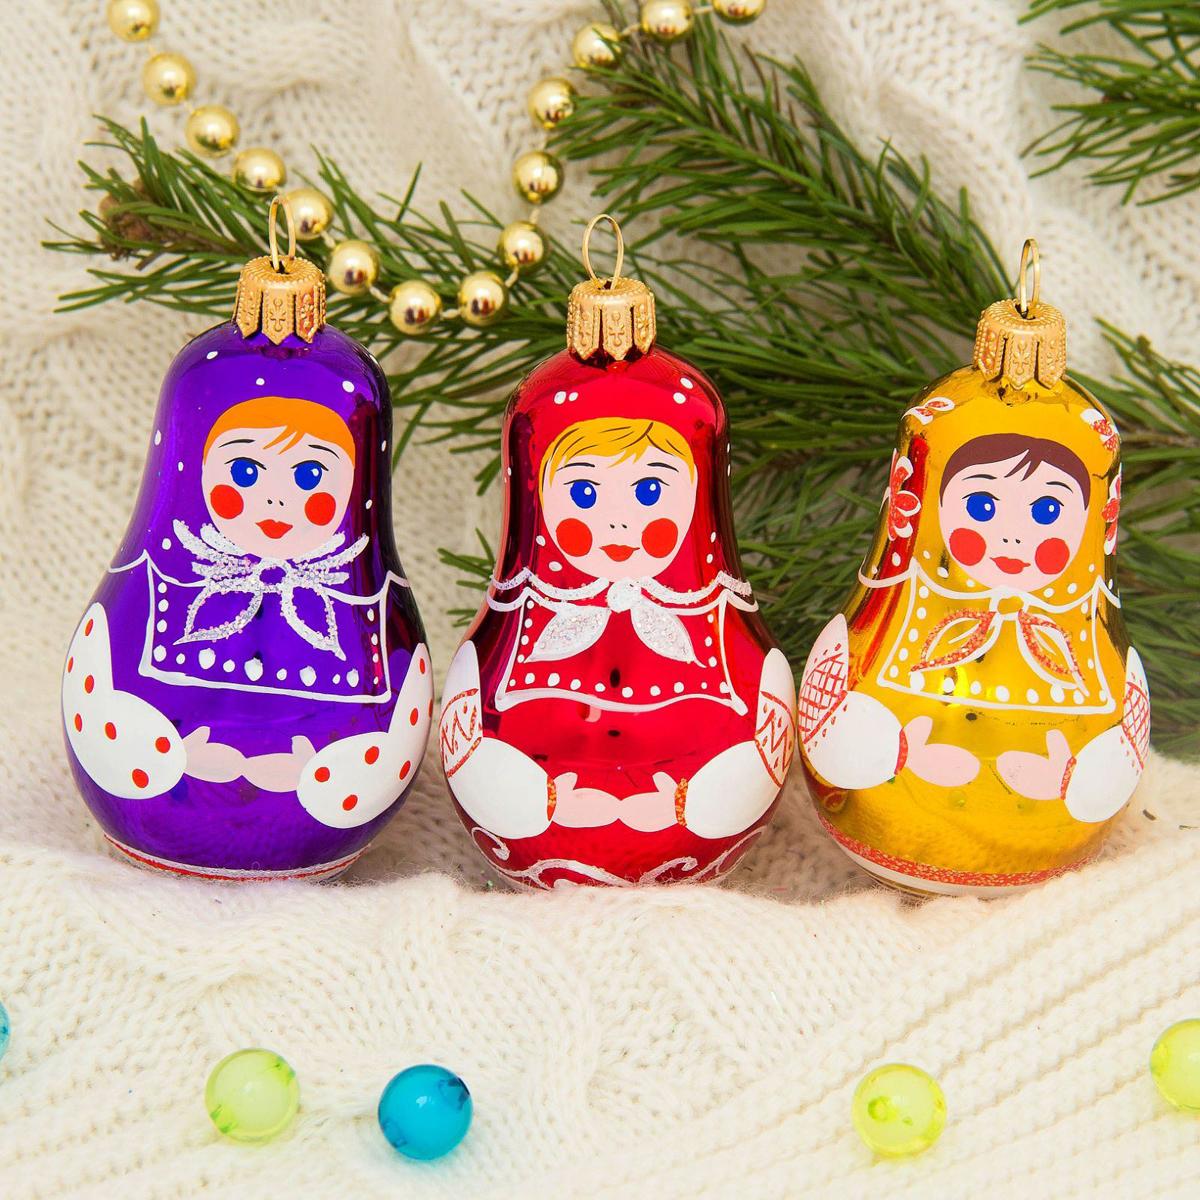 Набор новогодних подвесных украшений Ёлочка Ярмарка, 3 шт2564853Набор новогодних подвесных украшений Ёлочка отлично подойдет для декорации вашего дома и новогодней ели. С помощью специальной петельки украшение можно повесить в любом понравившемся вам месте. Но, конечно, удачнее всего оно будет смотреться на праздничной елке. Елочная игрушка - символ Нового года. Она несет в себе волшебство и красоту праздника. Создайте в своем доме атмосферу веселья и радости, украшая новогоднюю елку нарядными игрушками, которые будут из года в год накапливать теплоту воспоминаний.